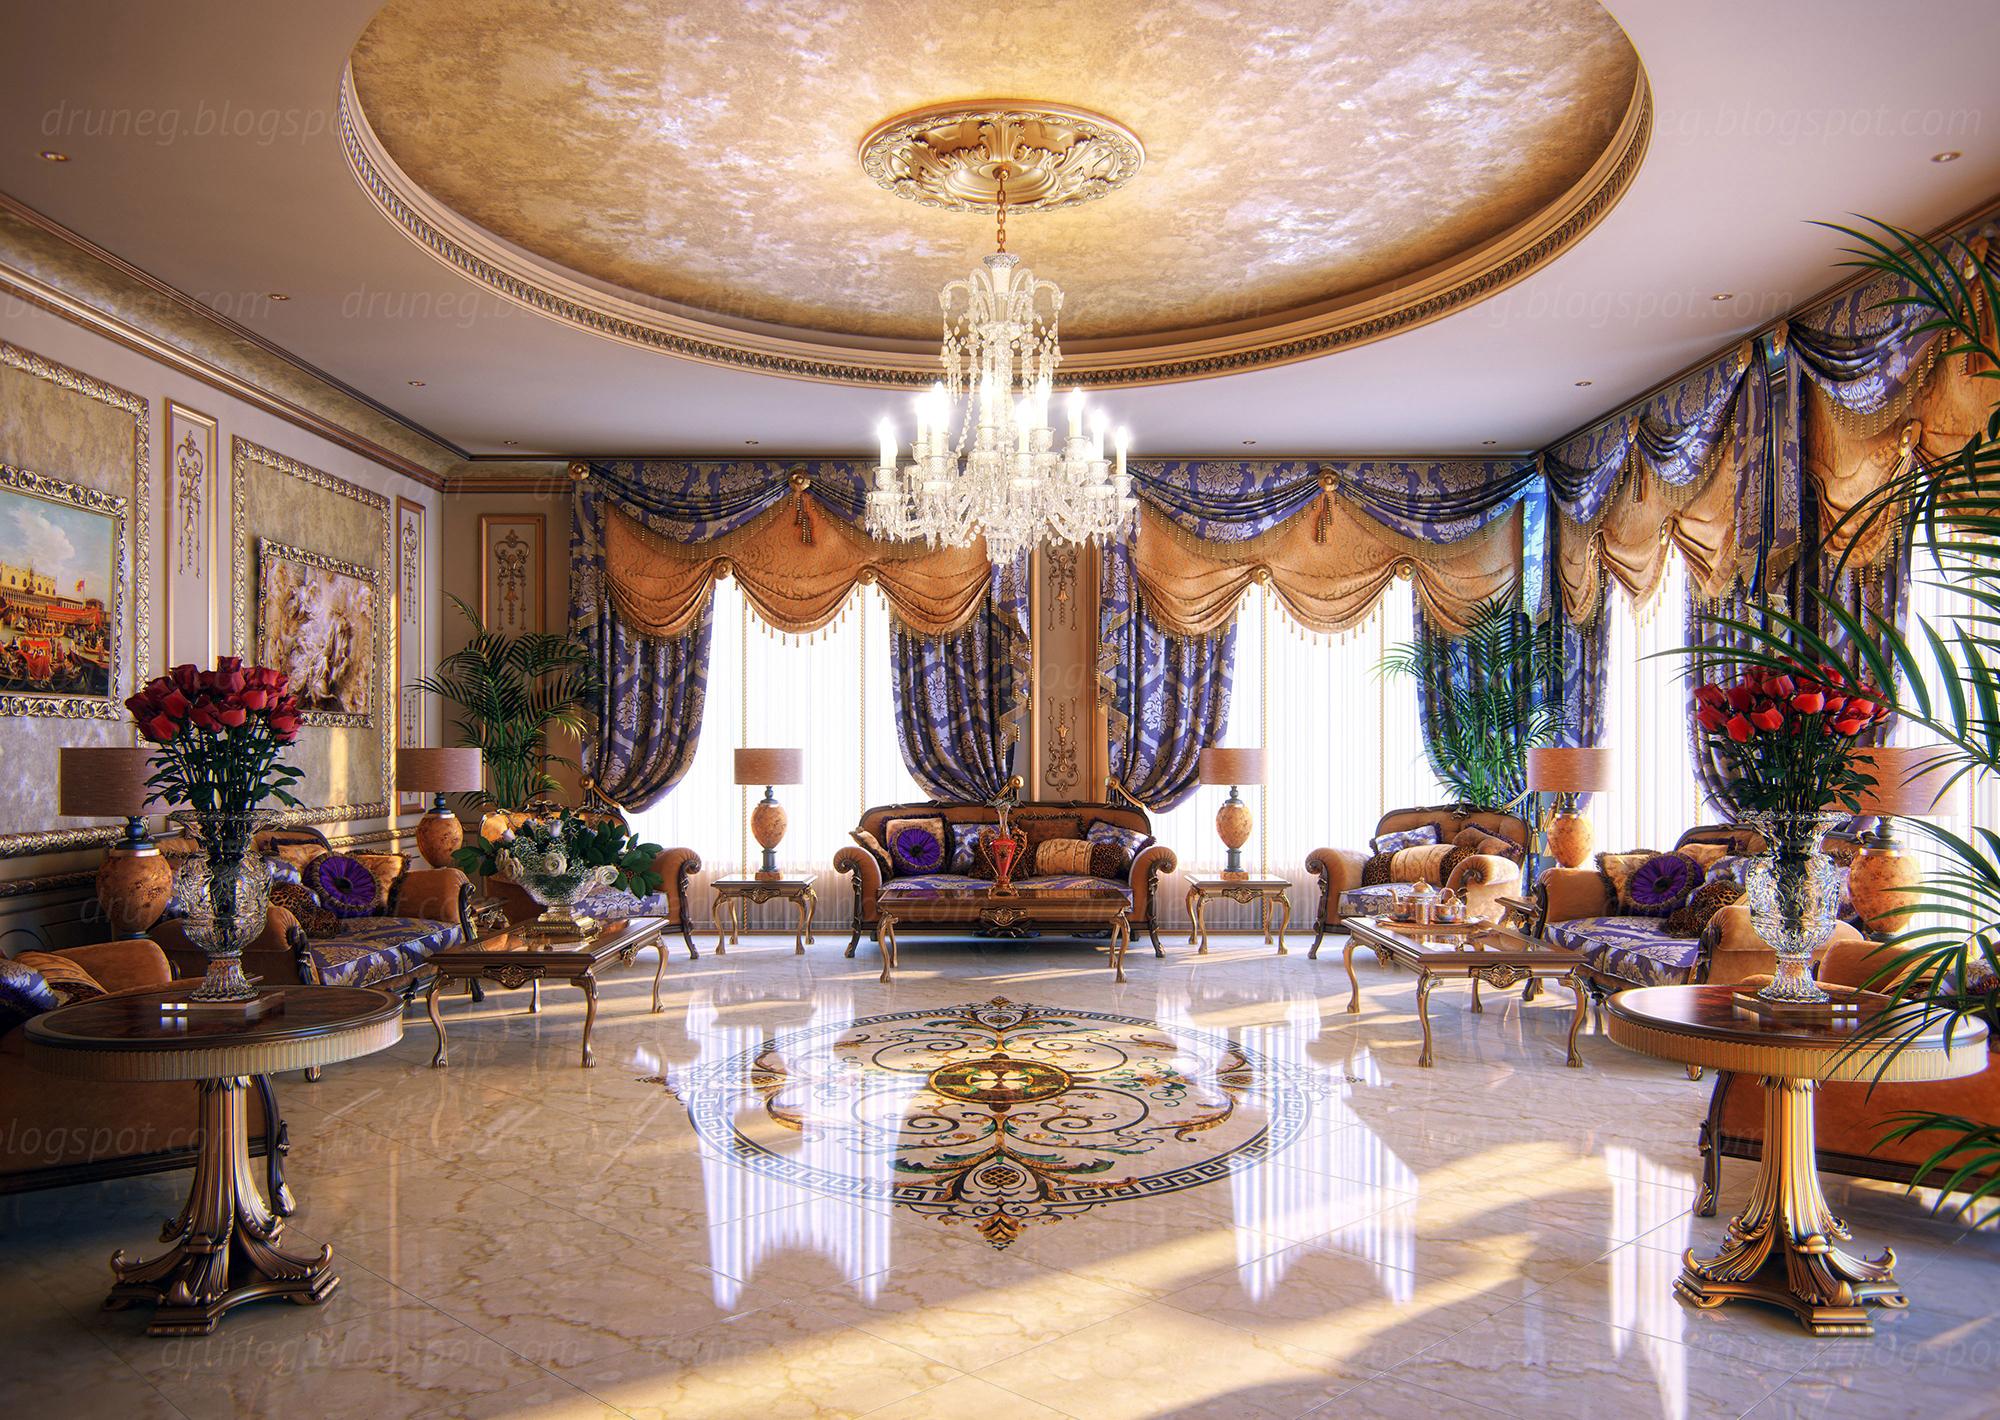 Сочетание классического и восточного стилей в интерьере